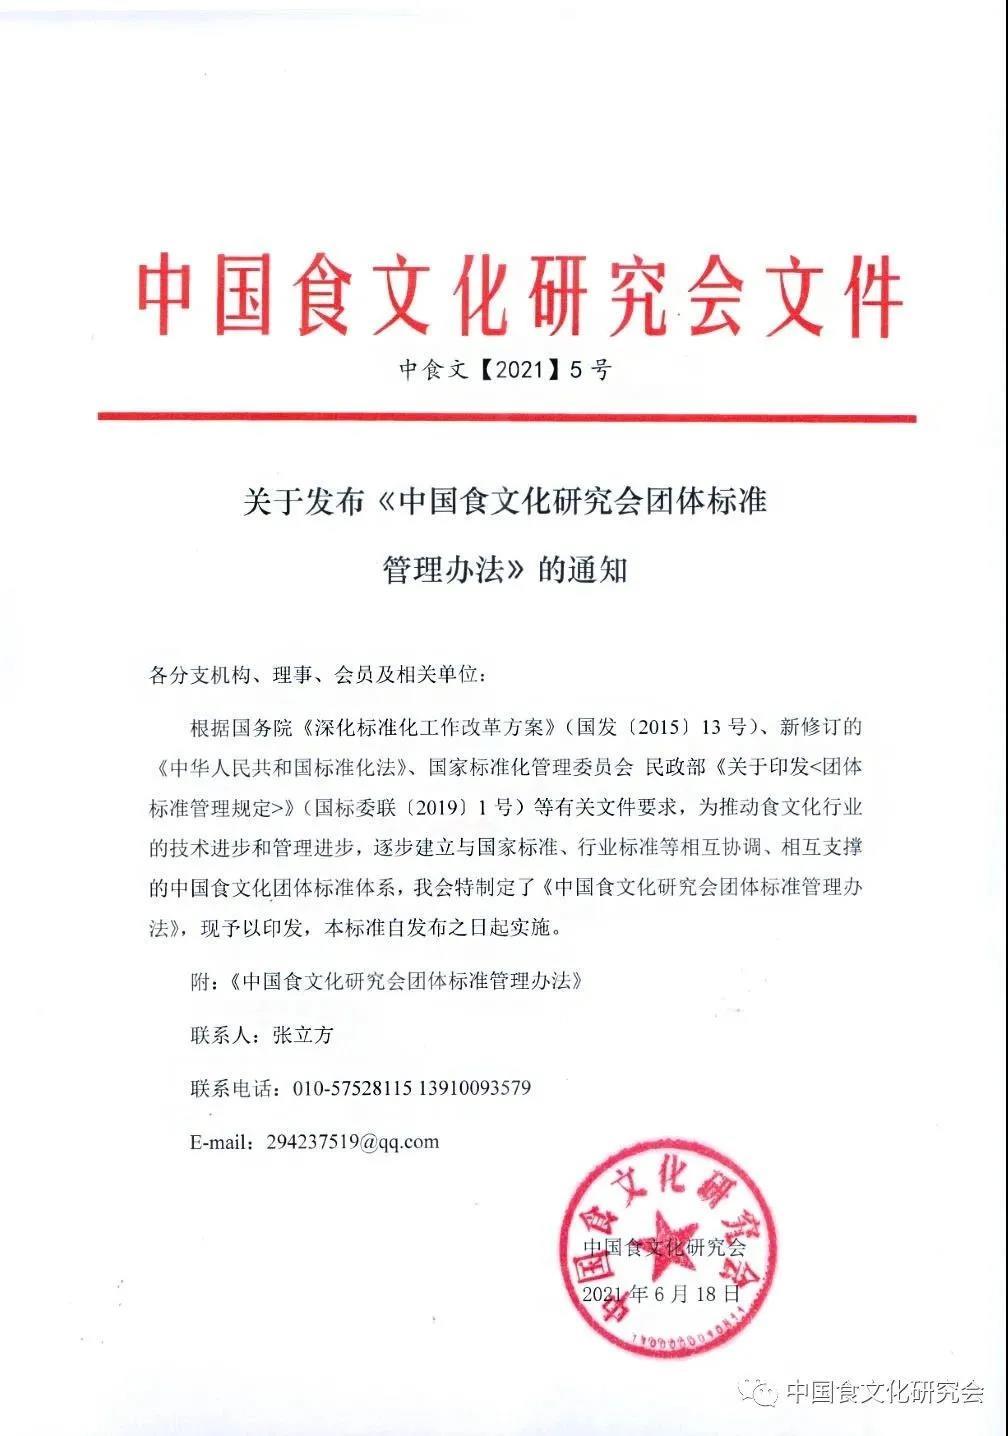 关于发布《中国食文化研究会团体标准管理办法》的通知